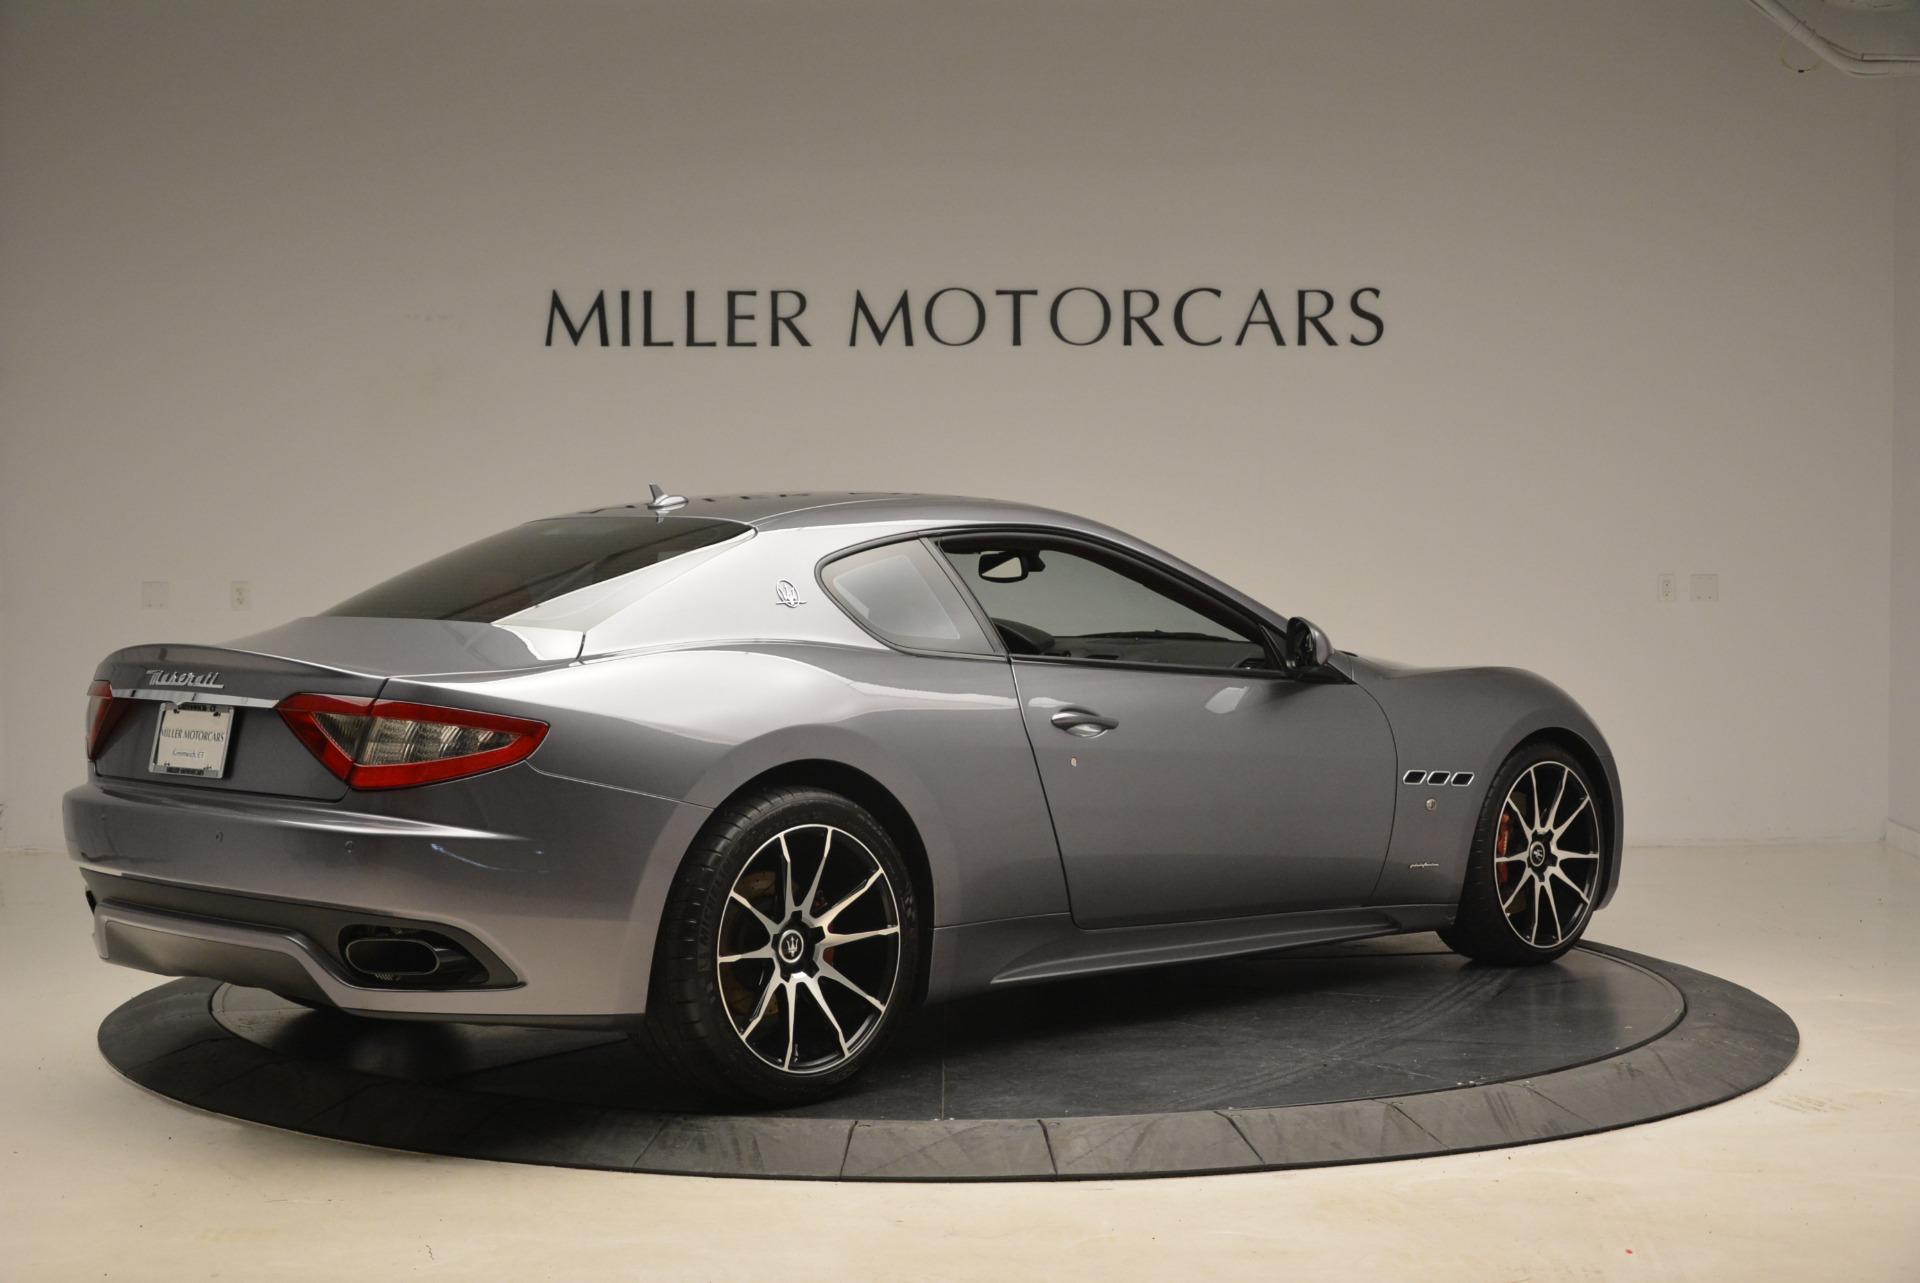 Used 2014 Maserati GranTurismo Sport For Sale In Greenwich, CT 2131_p6